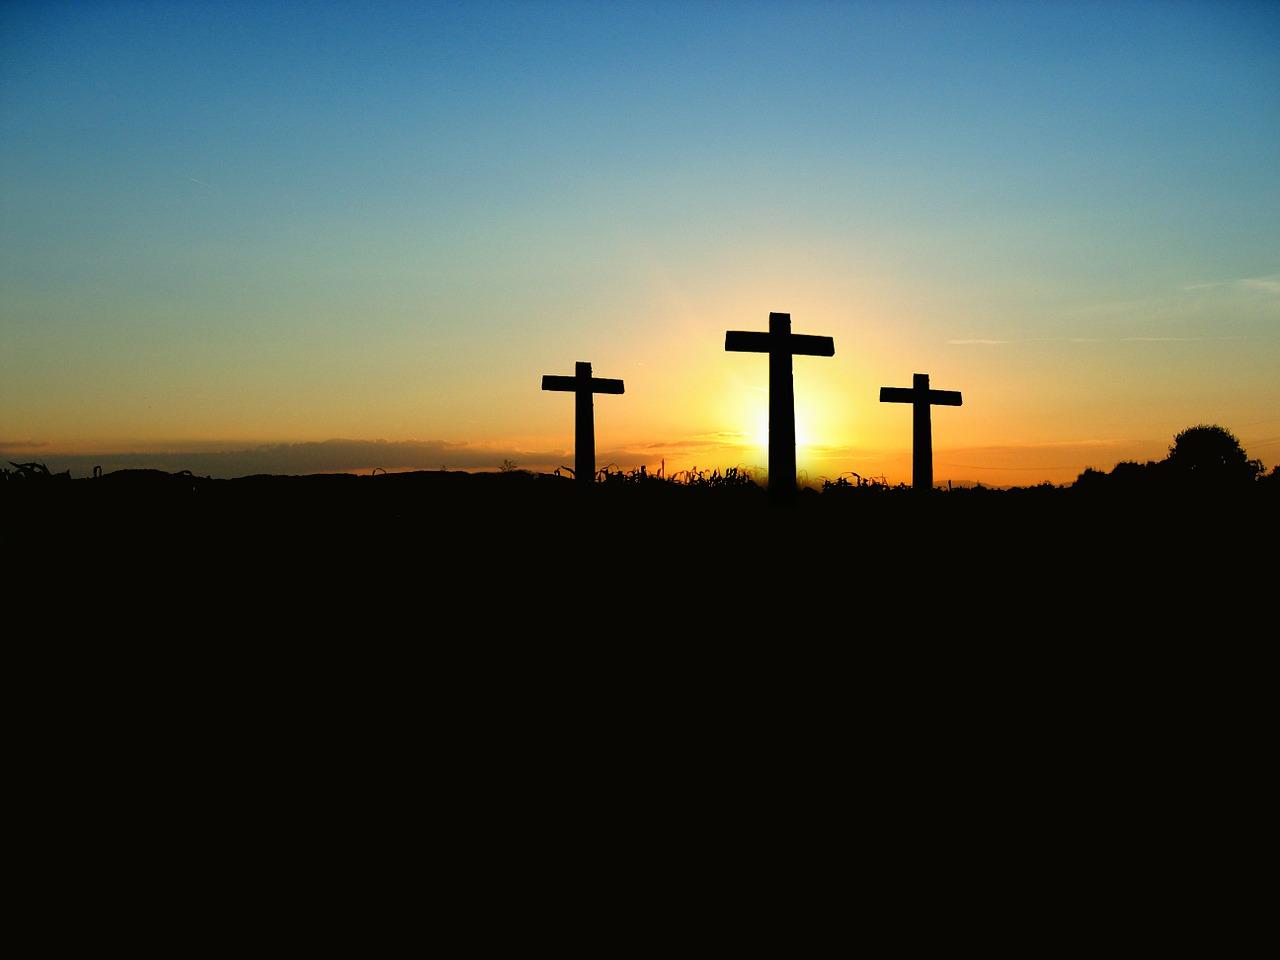 Wichtige Entscheidung: Regierung unterstützt verfolgte Christen